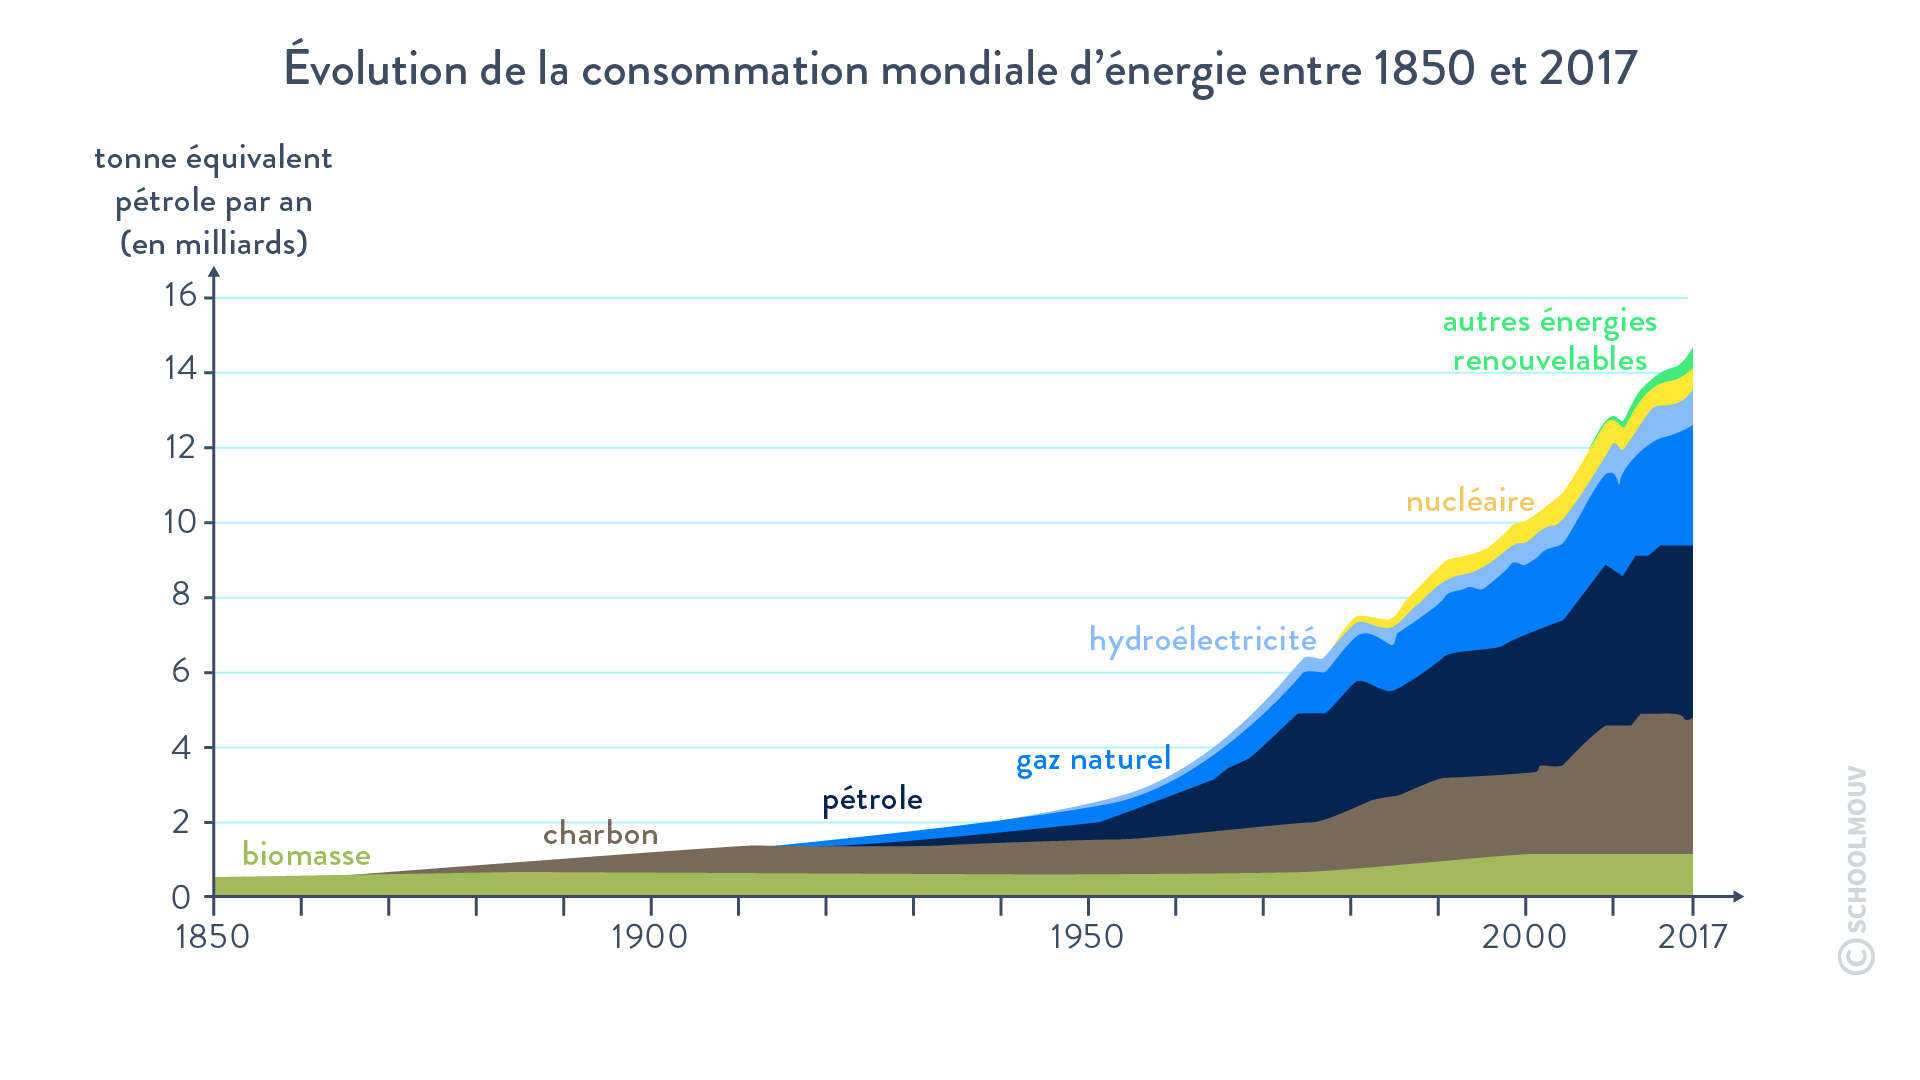 Évolution de la consommation mondiale d'énergie entre 1850 et 2017